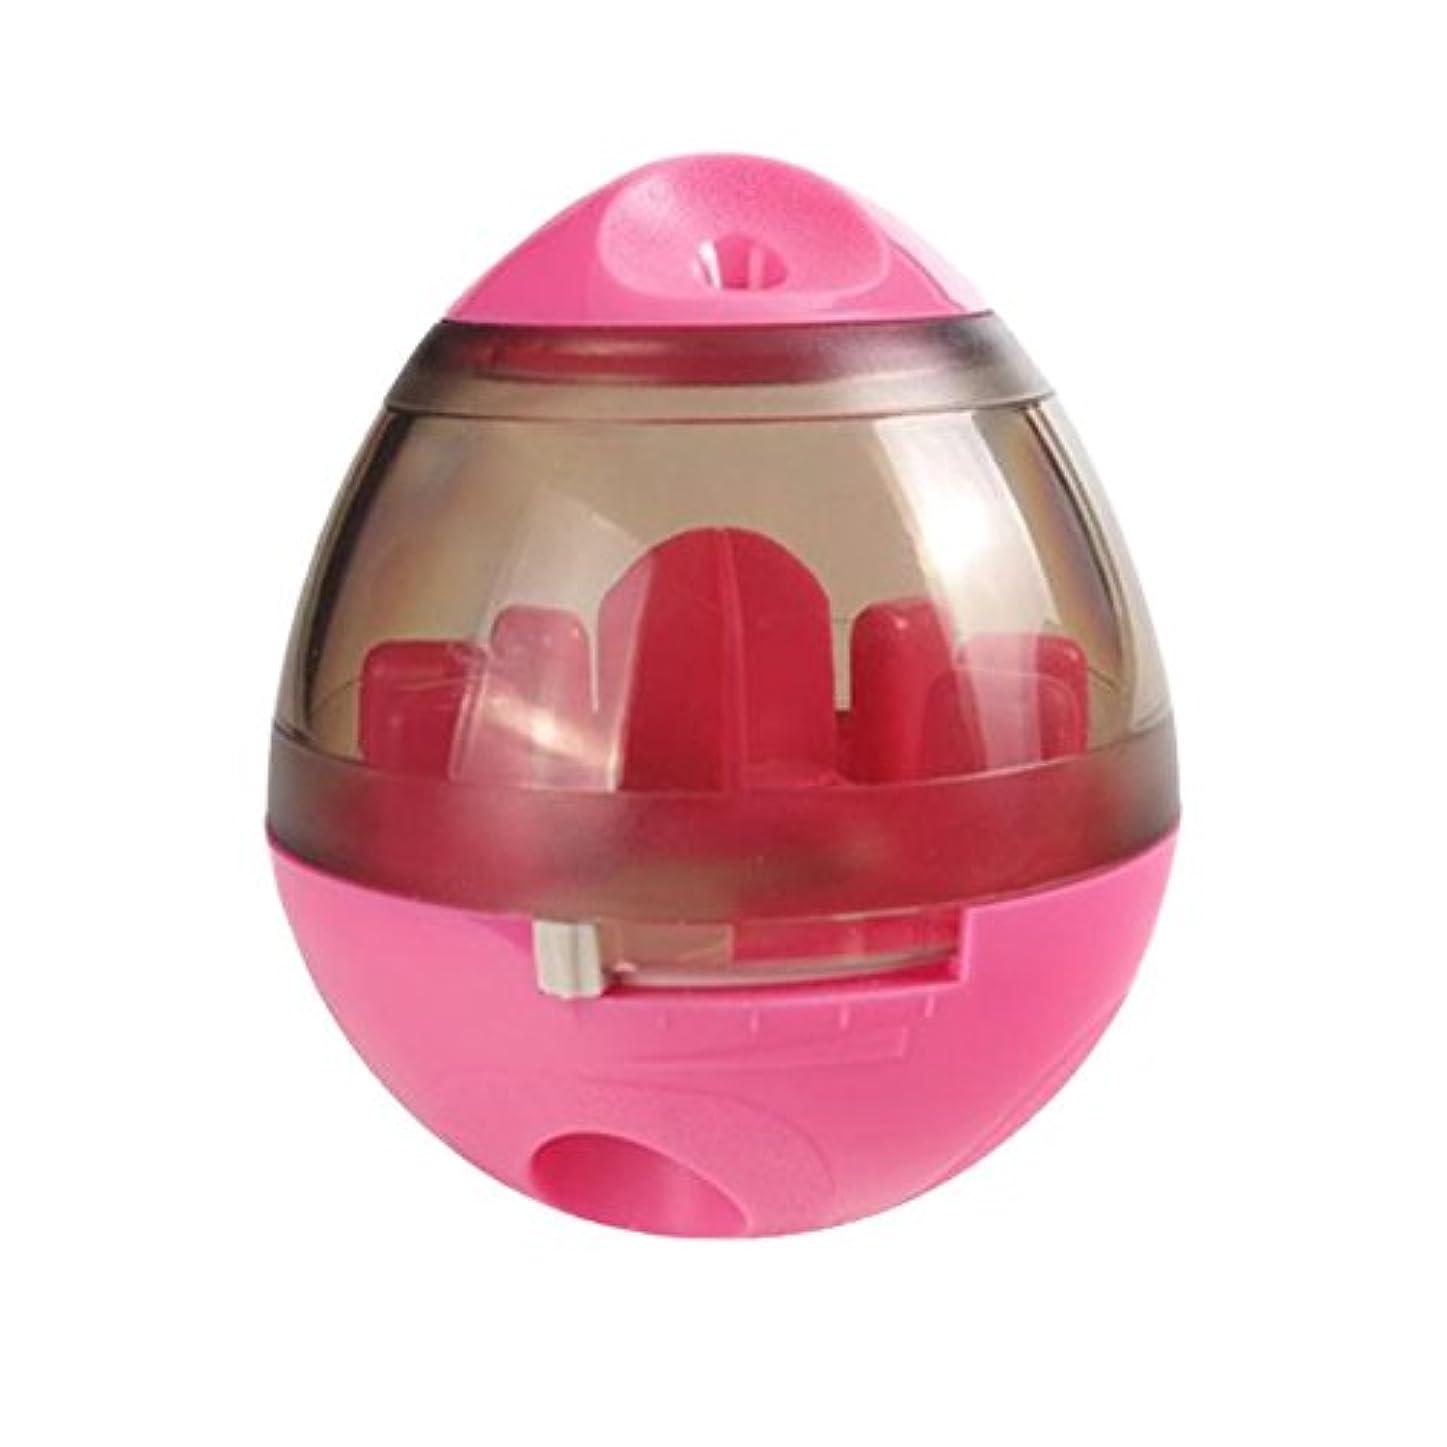 SellKuo ペットおもちゃ だるまボール 食器 餌入れ おやつボール ゴロゴロ 倒れない 運動不足対策 ストレス解消 小/中/大型犬 猫ちゃん (ピンク)